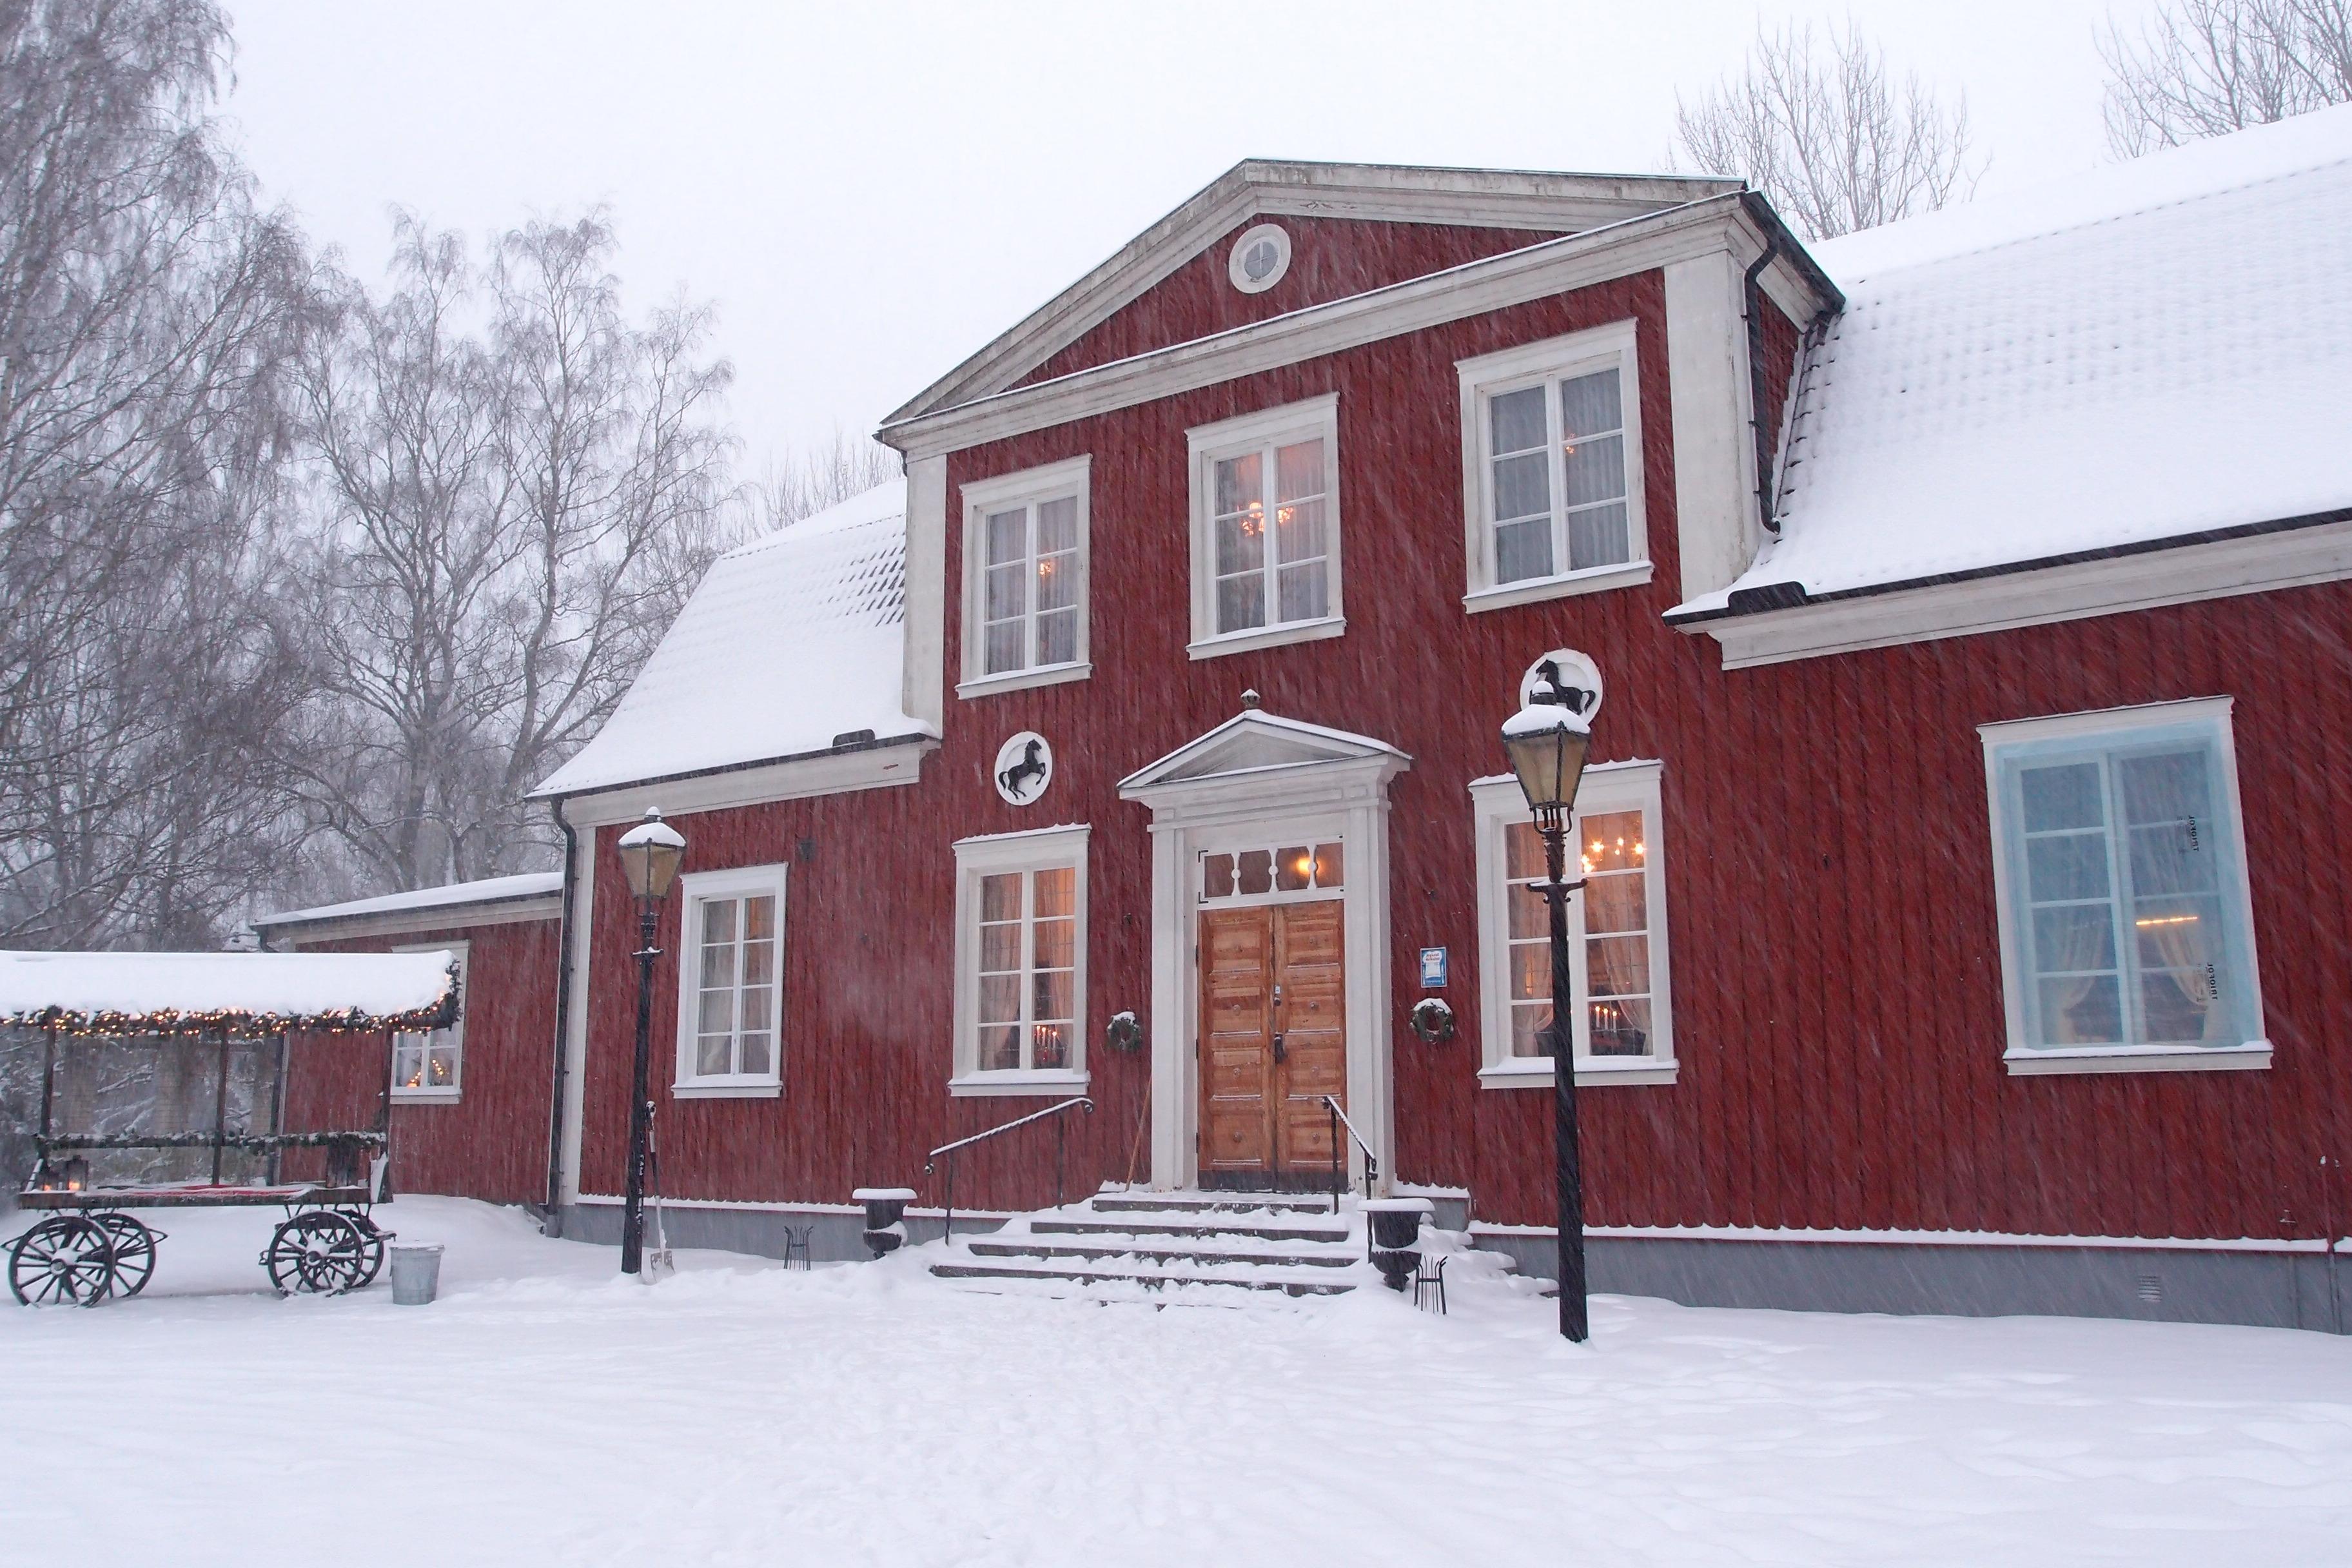 dejting baltikum Linköping